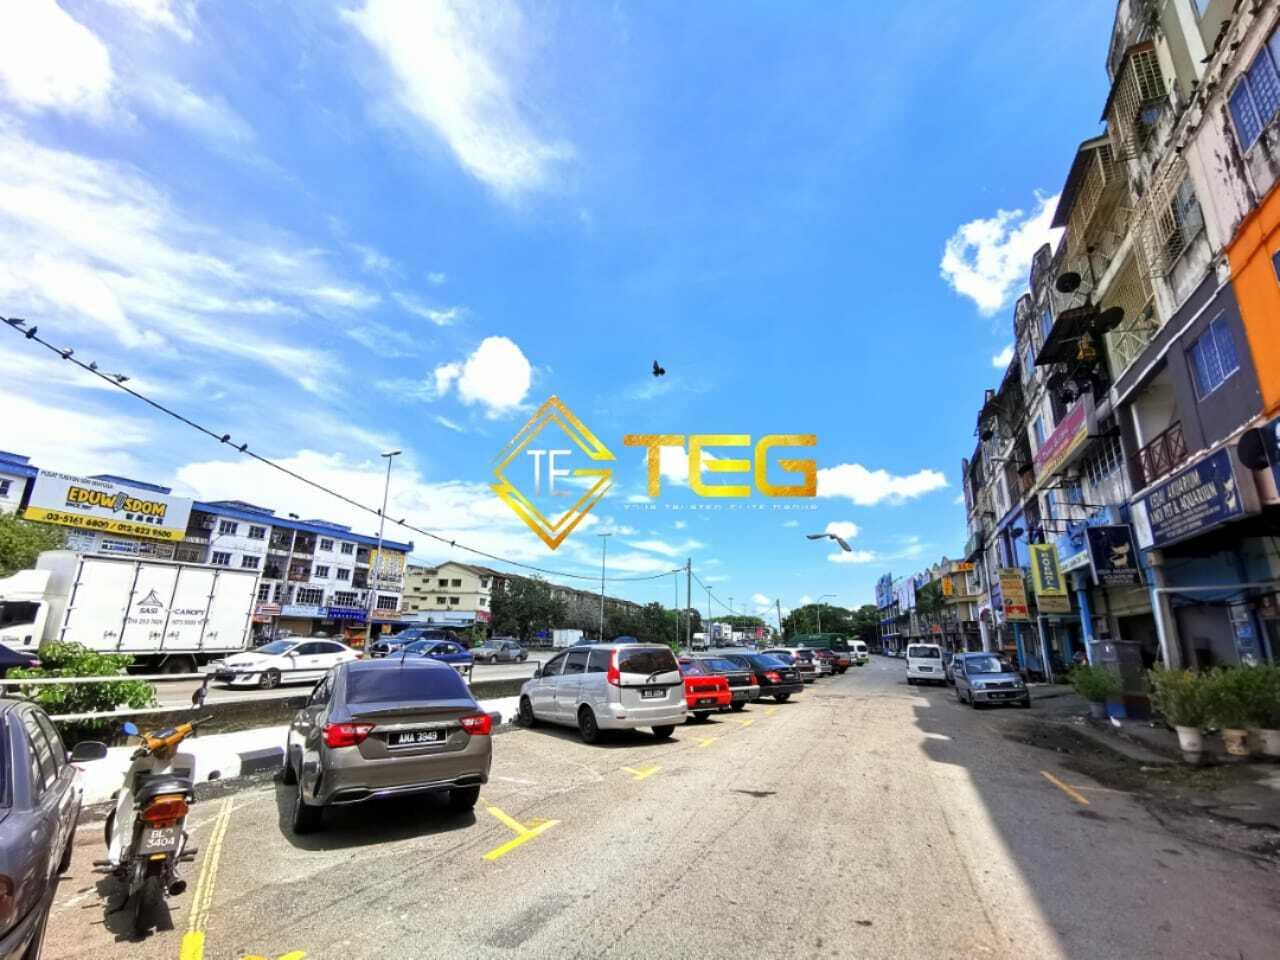 For Sale - Sentosa Klang Sentosa Klang Sentosa Klang Sentosa Klang Sentosa Klang Sentosa Klang Sentosa Klang Se